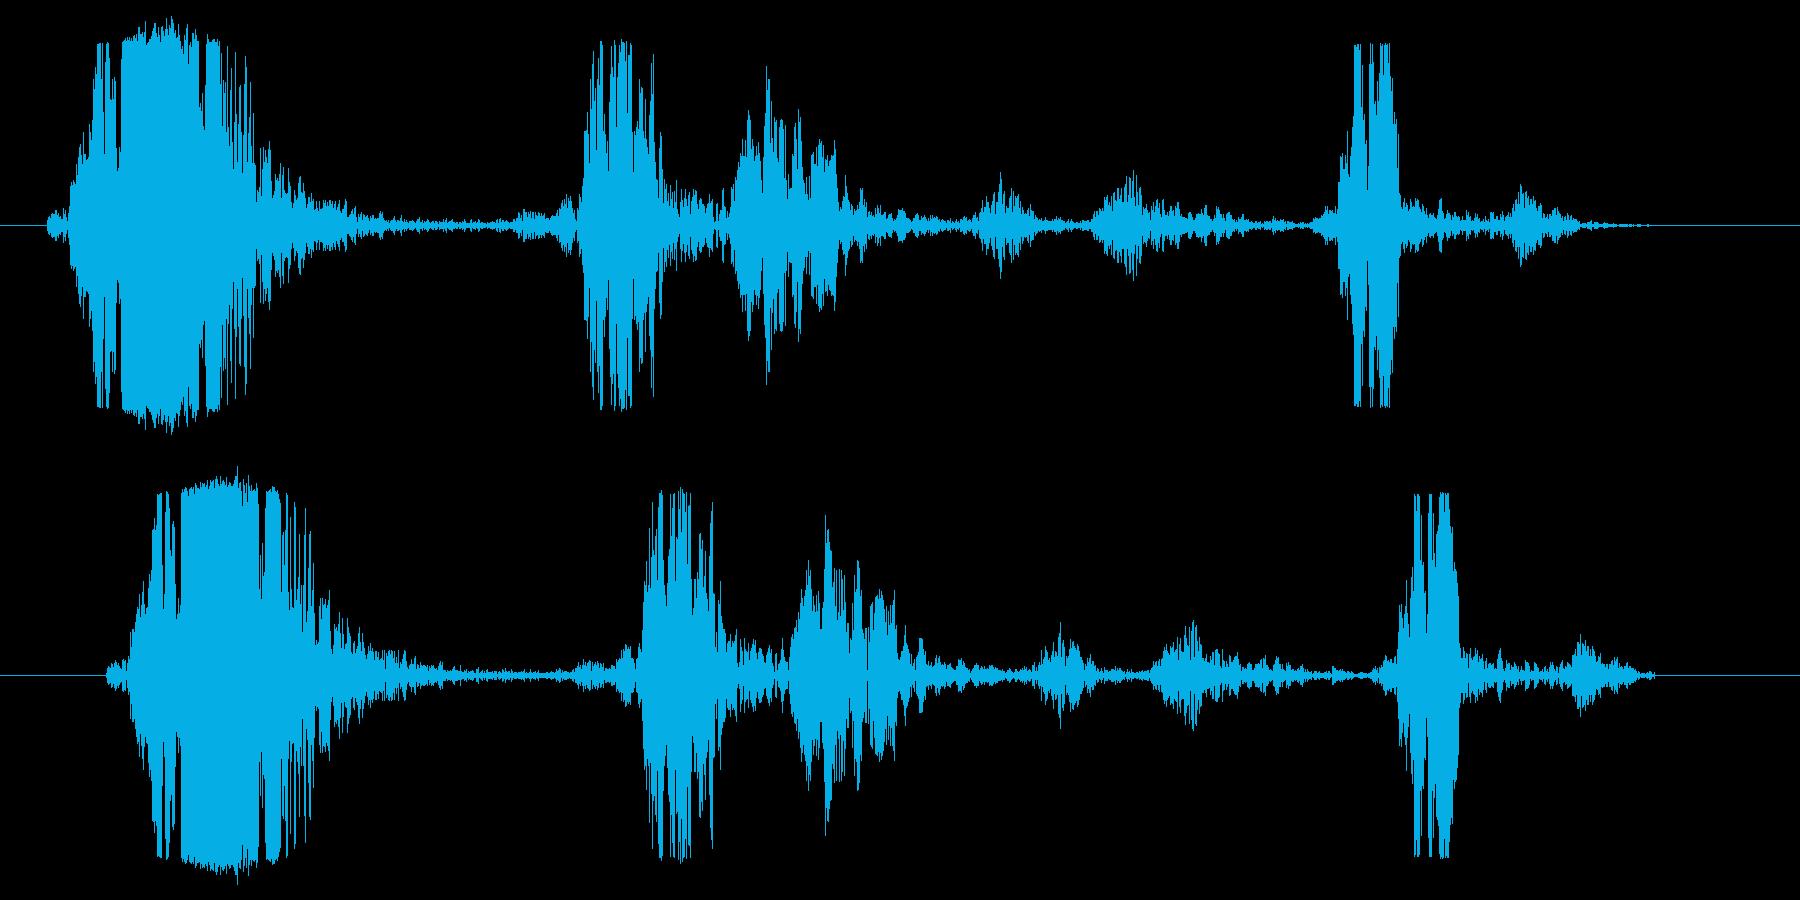 鞭やヌンチャク等の風切り音に最適!02Hの再生済みの波形